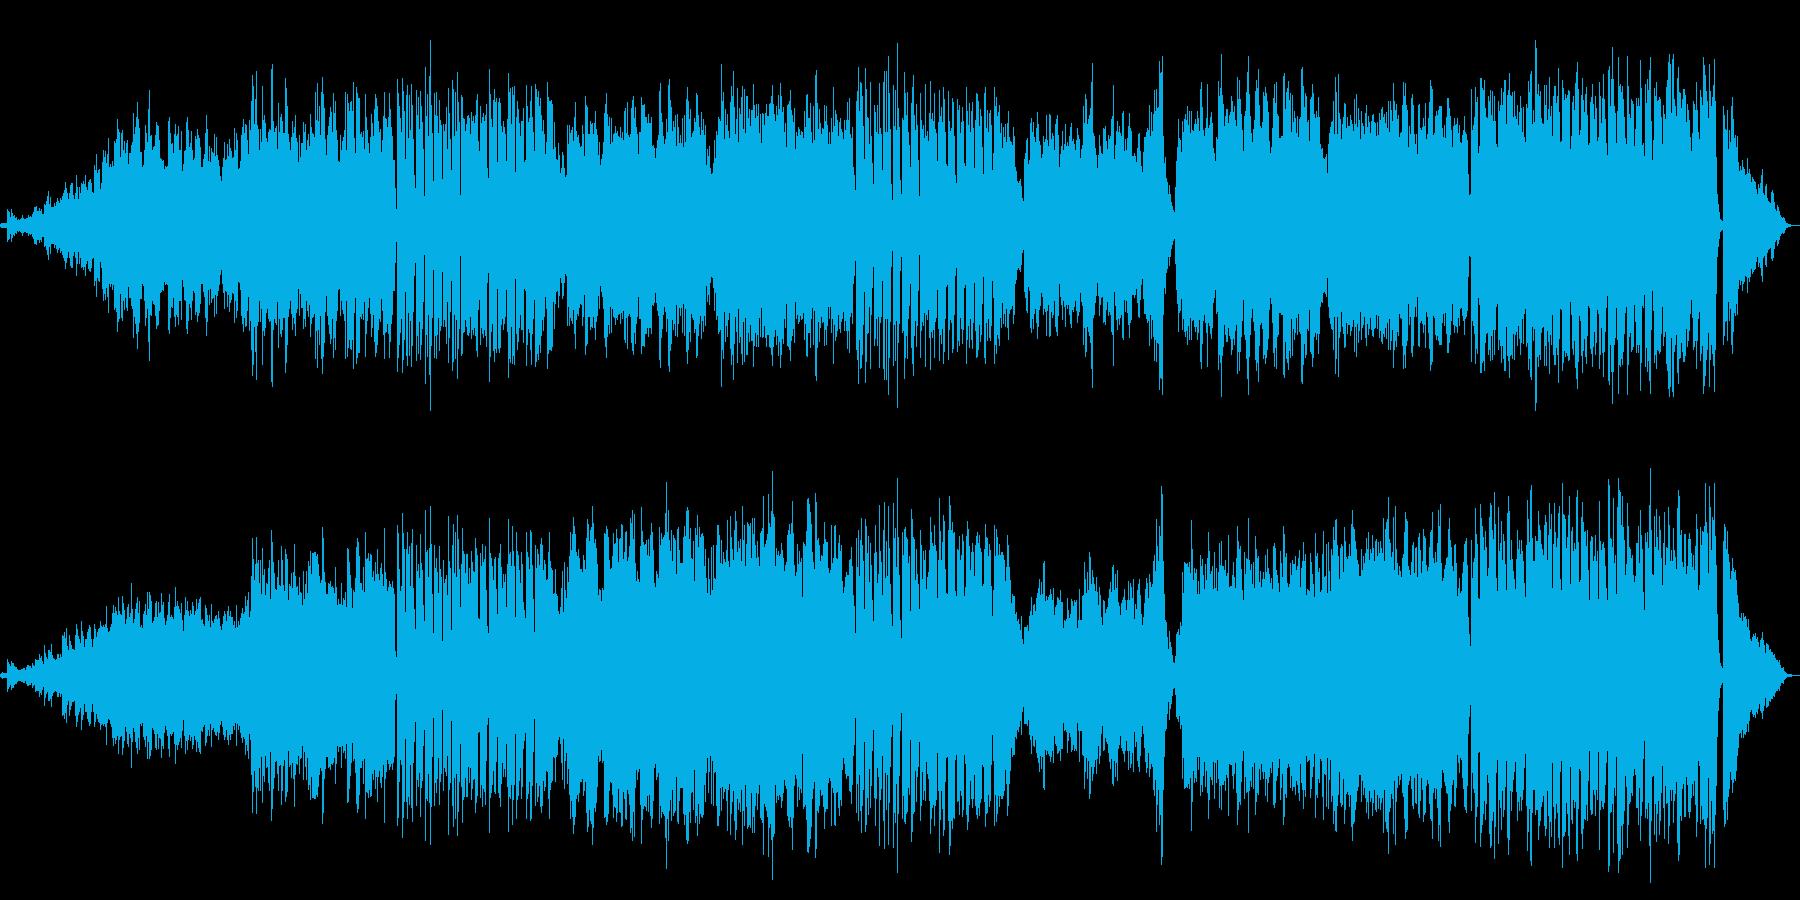 透明感のある爽やかなスローポップスBGMの再生済みの波形